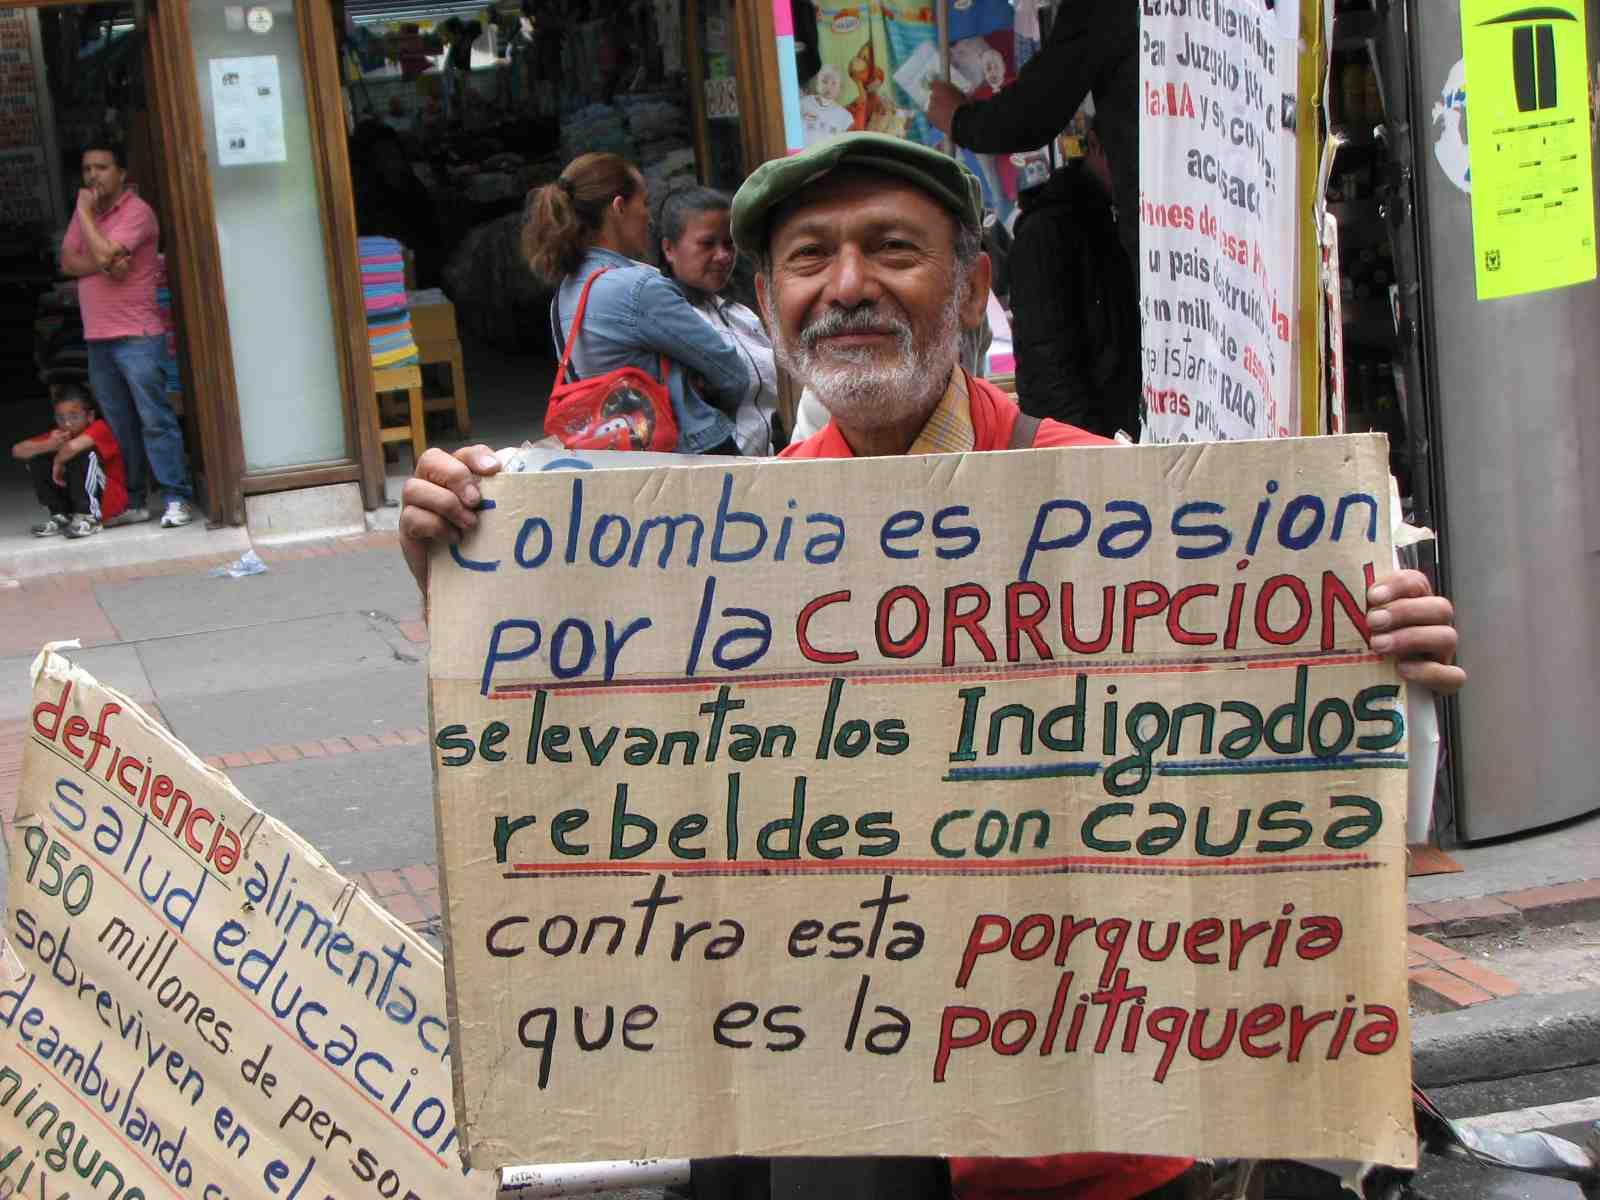 Las reformas que le urgen a Colombia